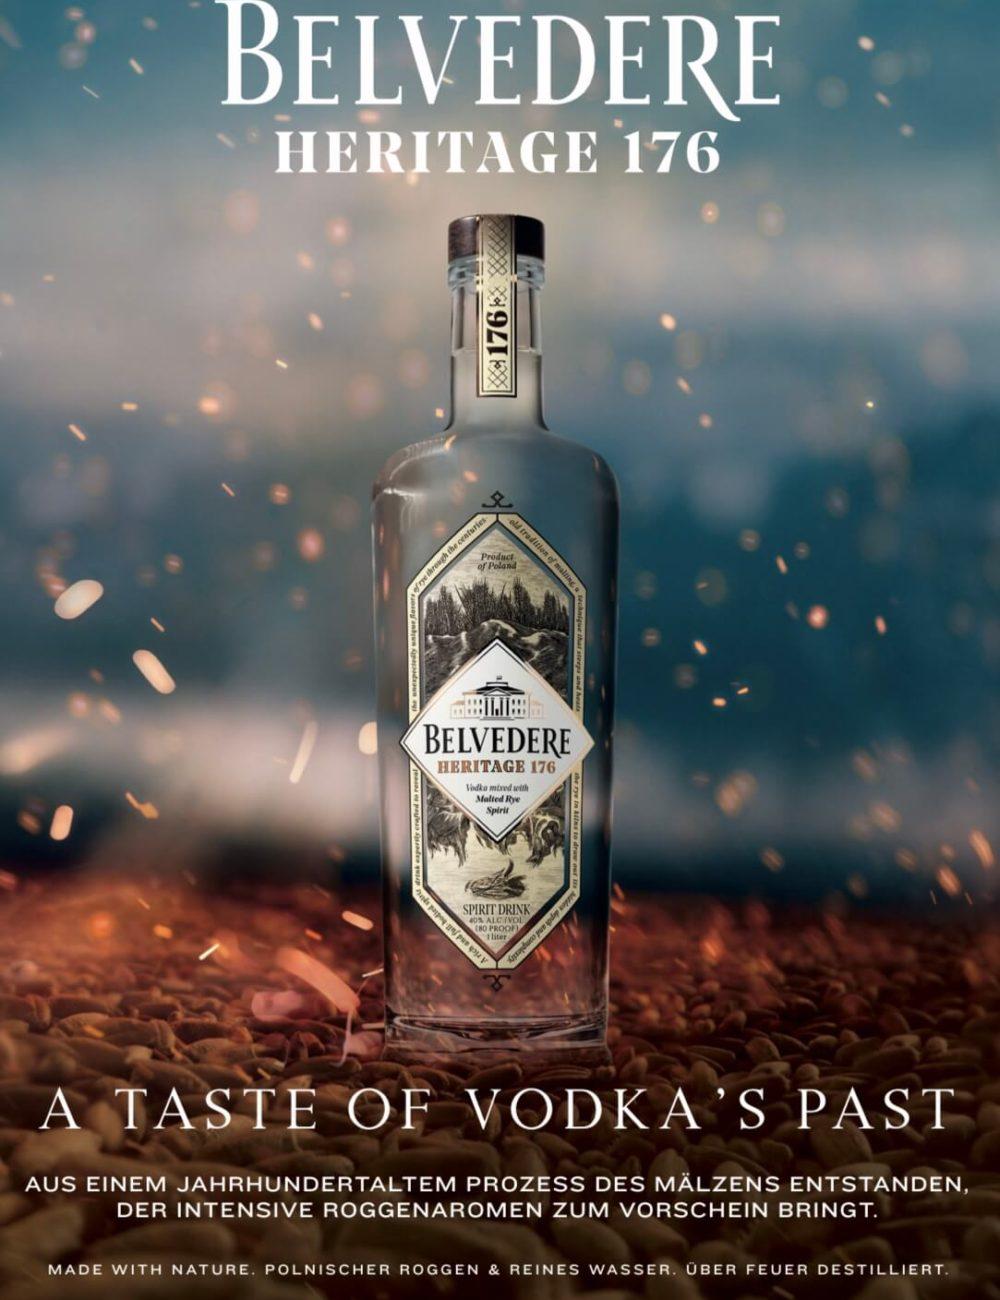 Belvedere_heritage_176_Vodka